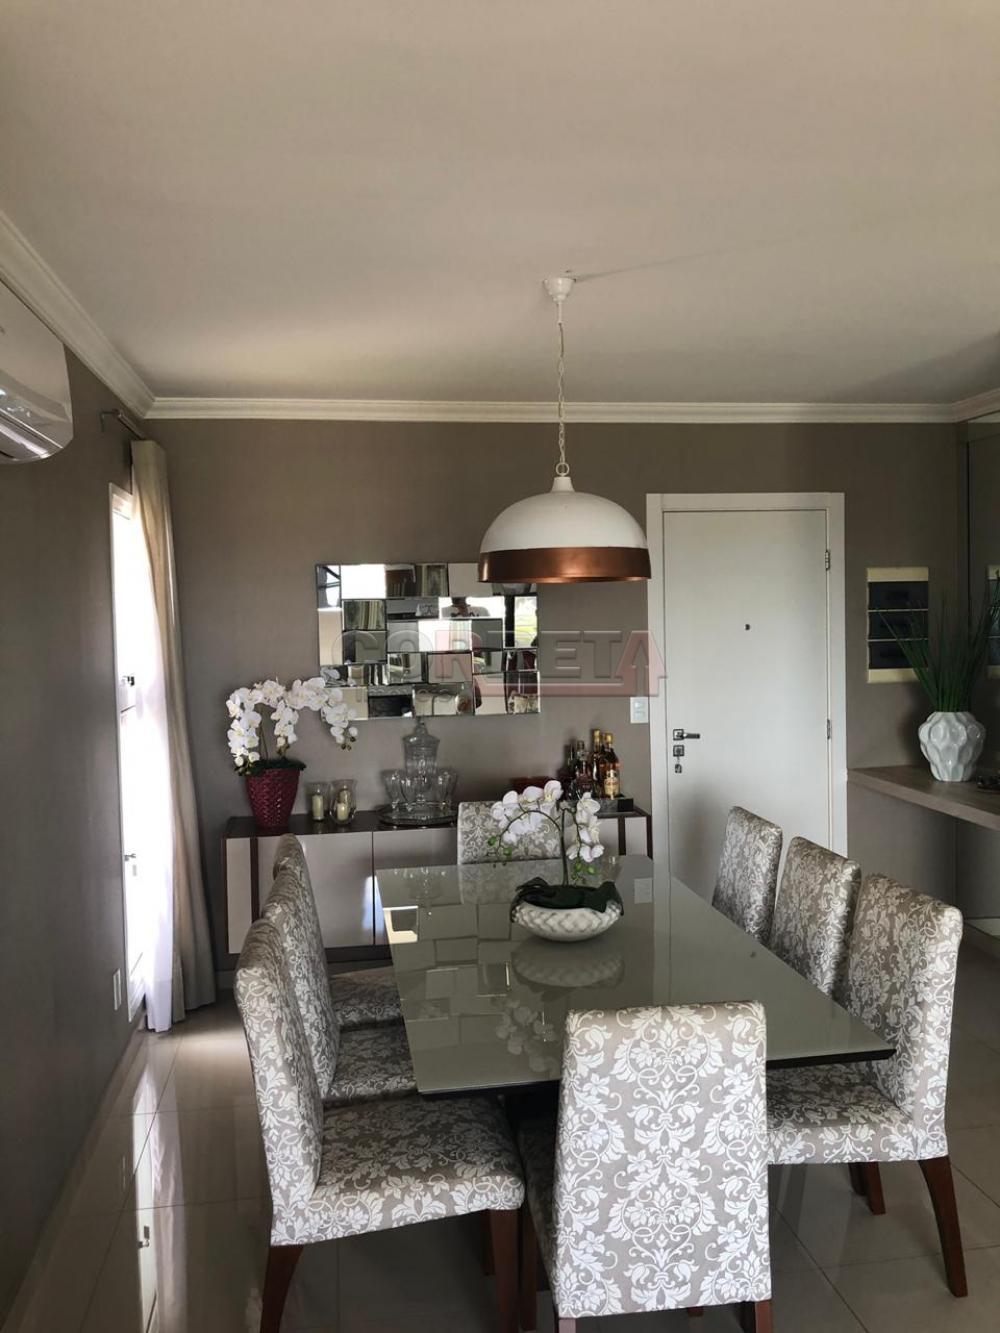 Comprar Apartamento / Padrão em Araçatuba R$ 570.000,00 - Foto 2